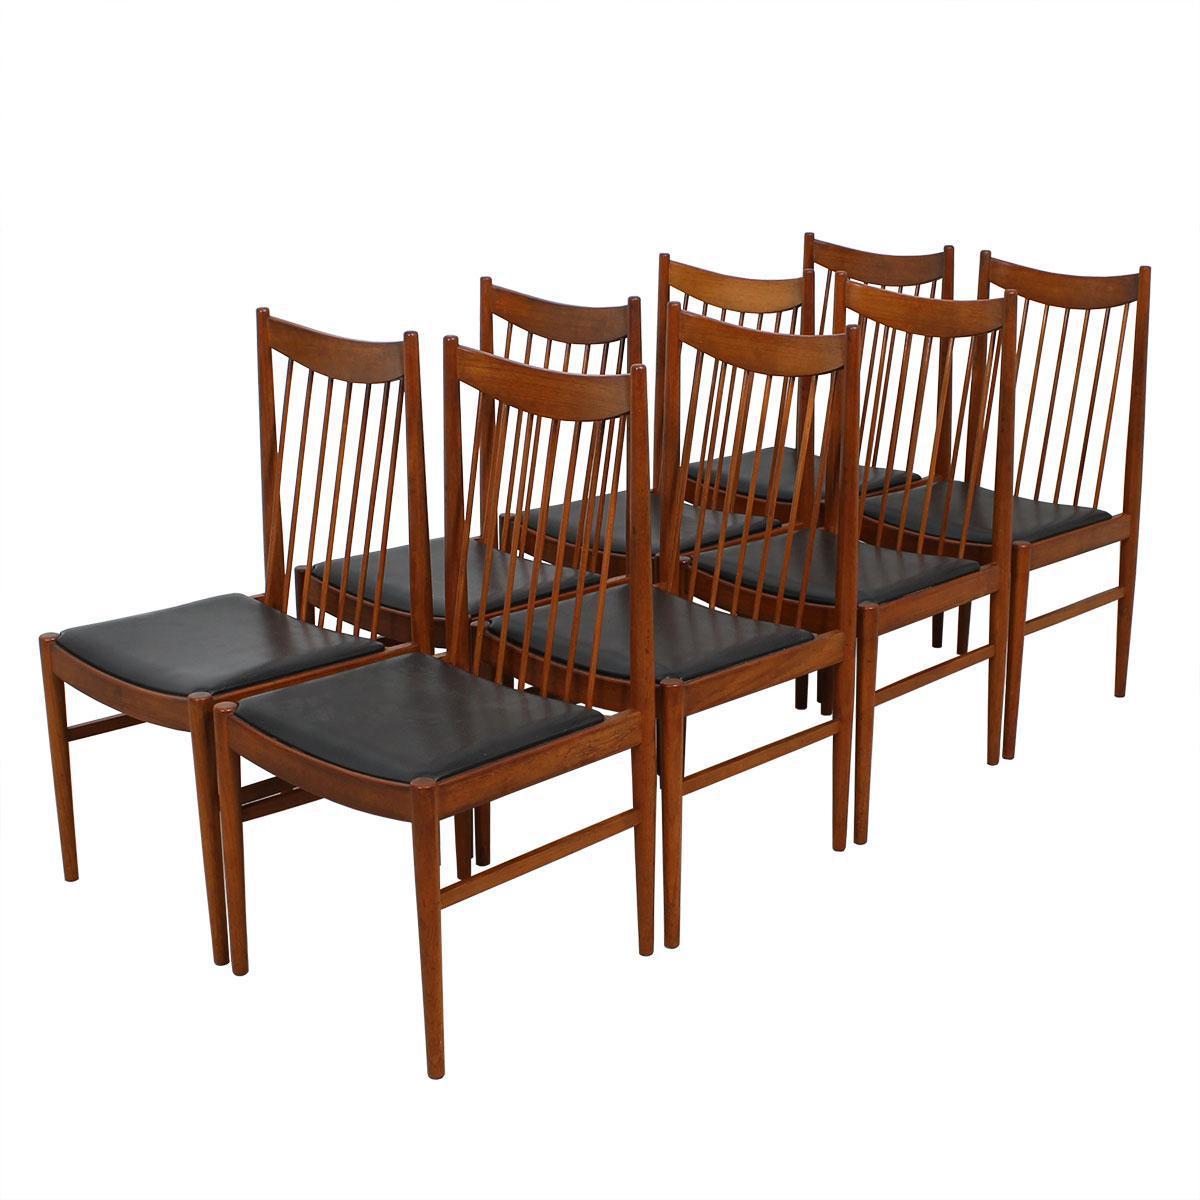 Set Of 8 Helge Sibast / Arne Vodder Danish Teak Spindle Back Chairs